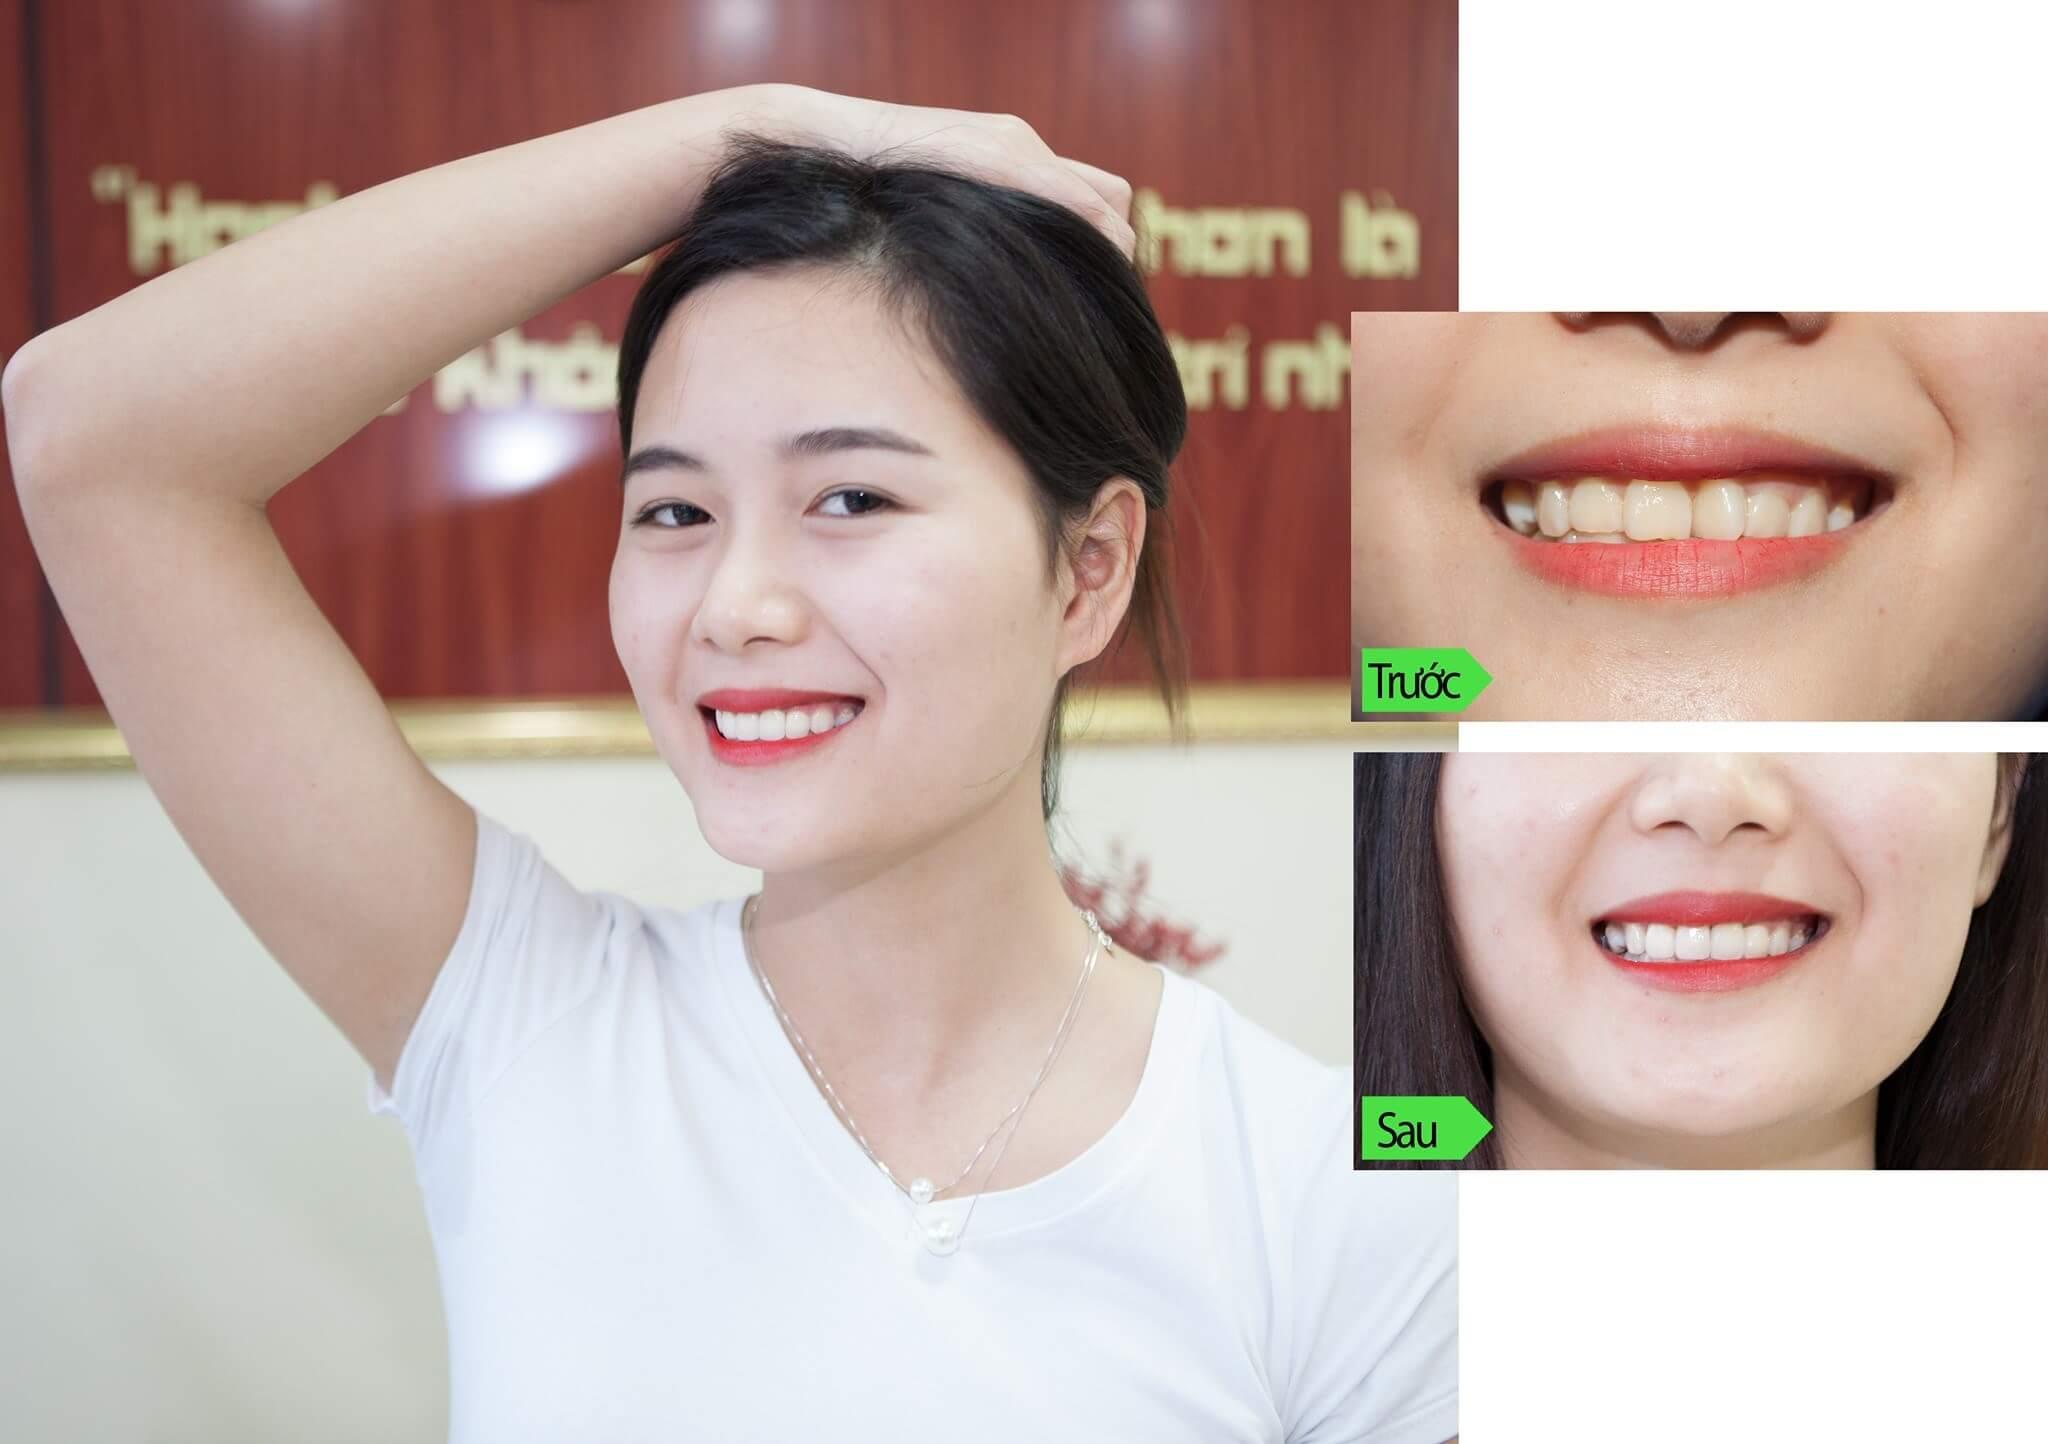 7 tiêu chuẩn làm răng sứ đẹp mang tới nụ cười tự tin, tỏa sáng